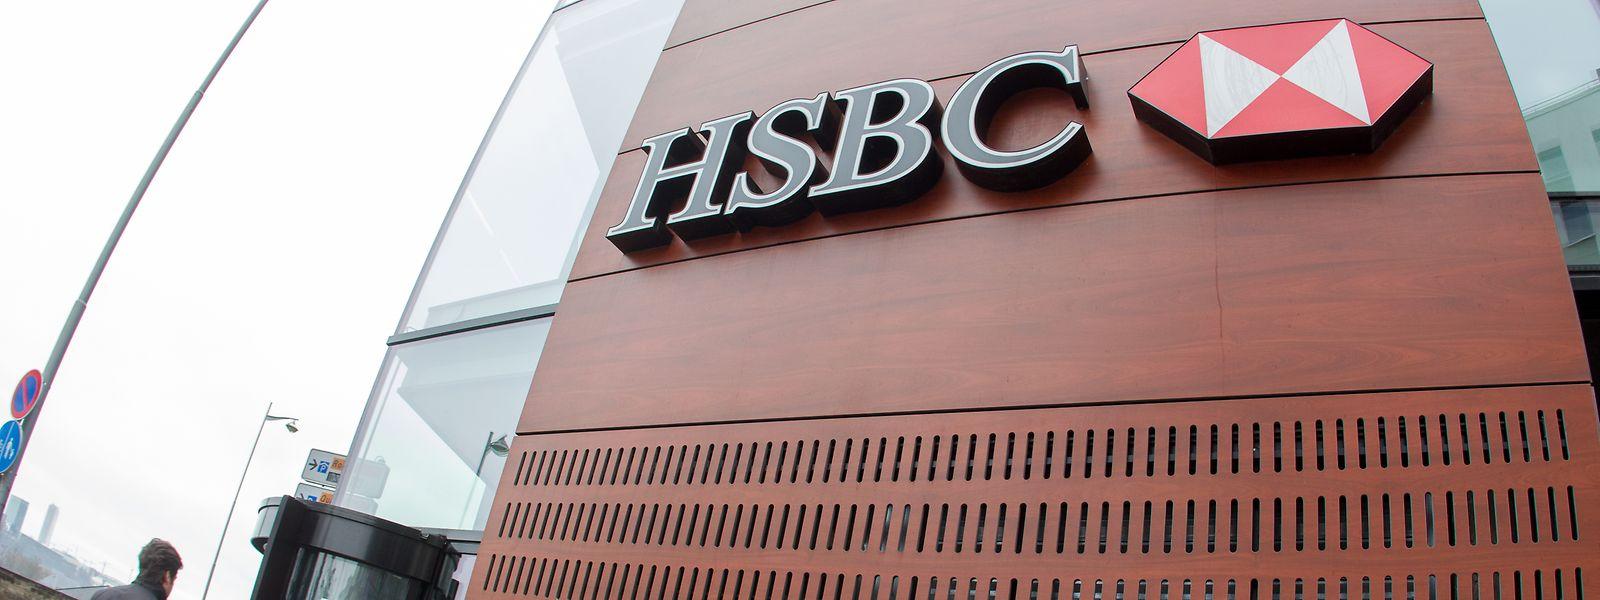 A Luxembourg, HSBC emploie entre 400 et 500 personnes réparties sur deux entités